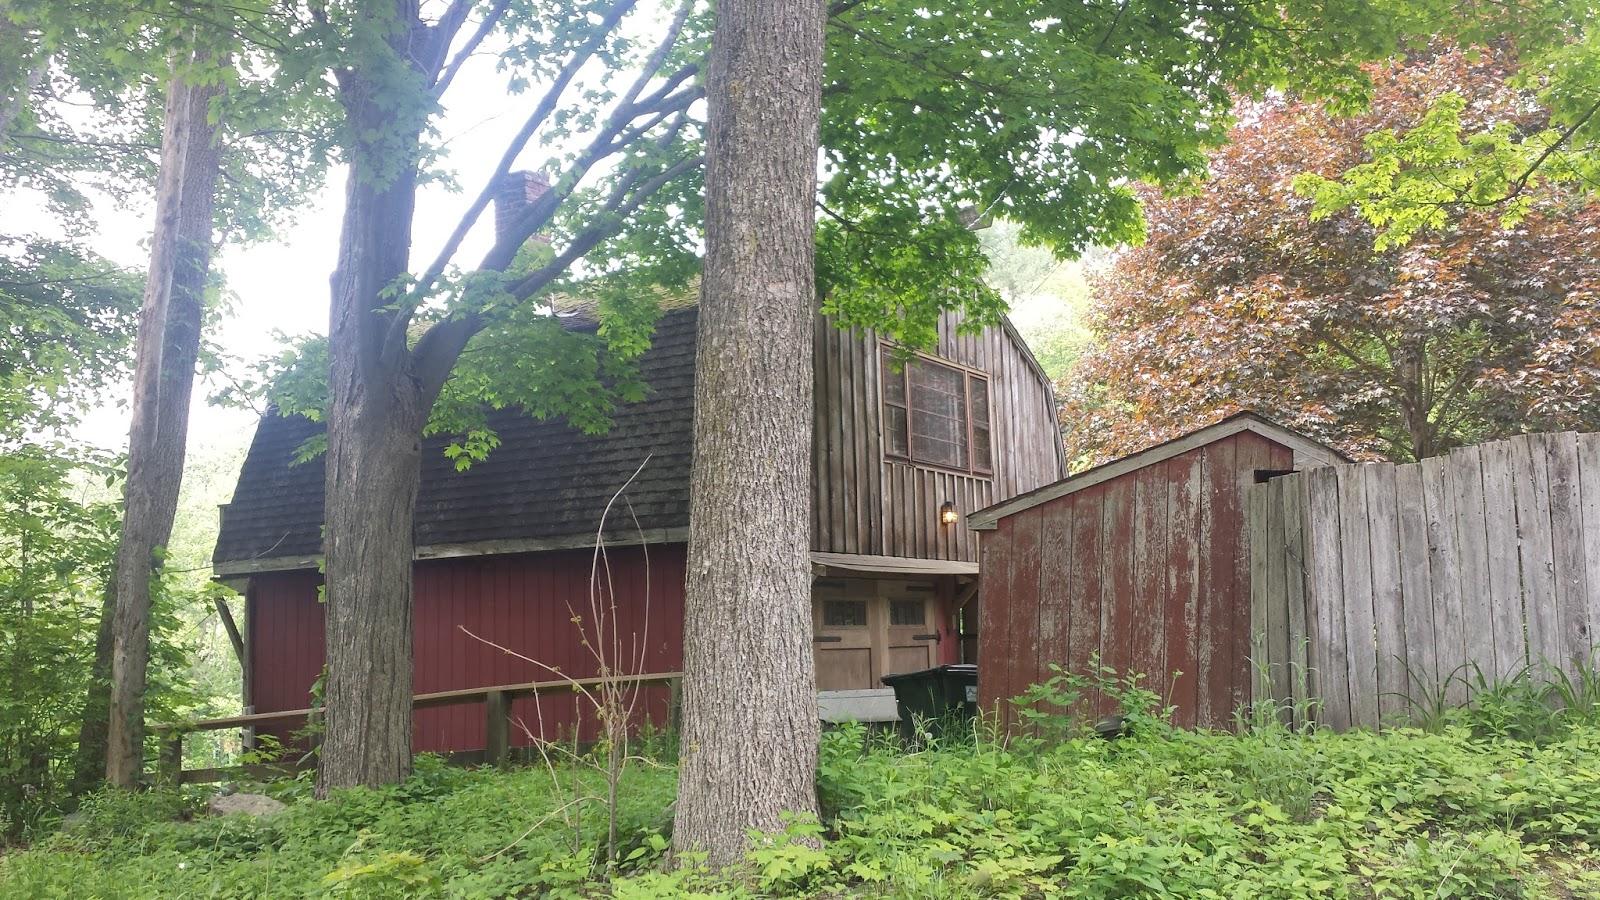 The run newtown project suddenly summer Dutch gambrel barn